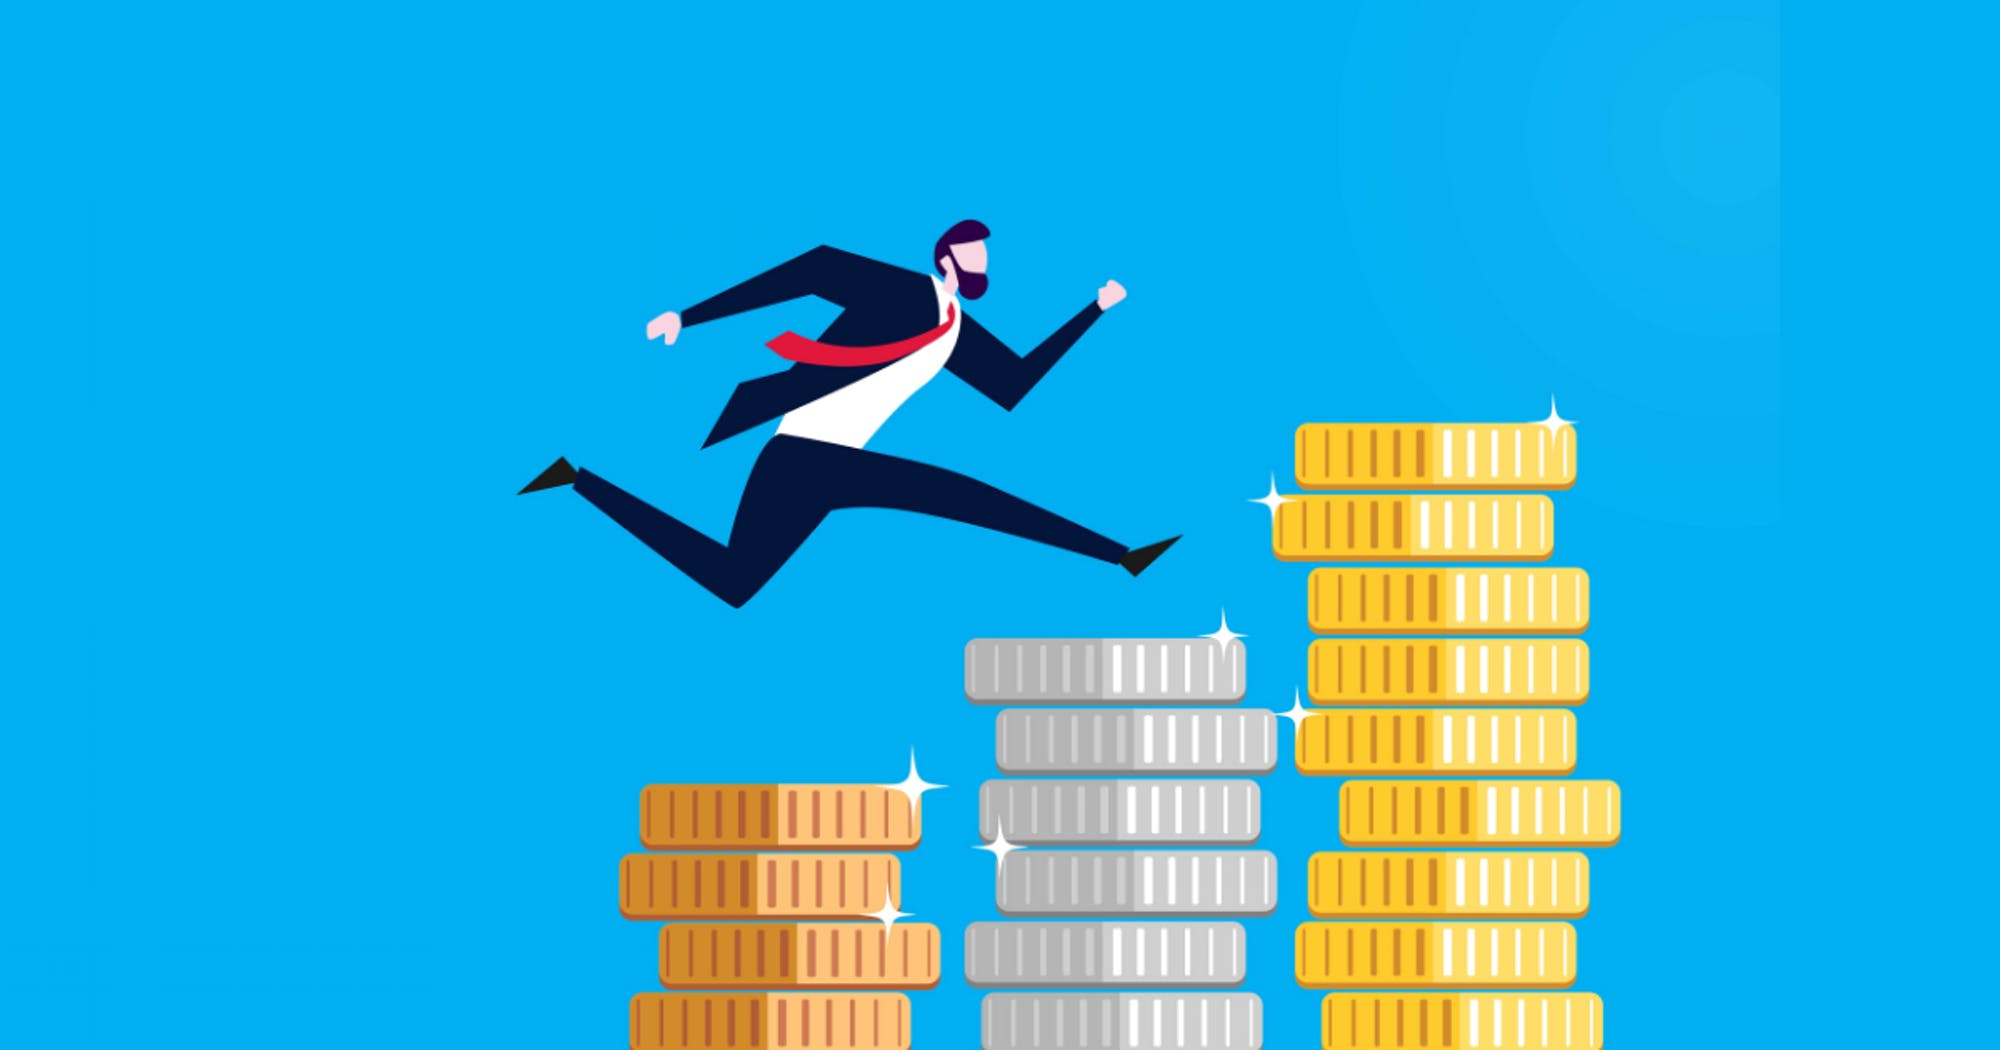 Comment demander une augmentation de salaire 3 conseils pour négocier un meilleur revenu